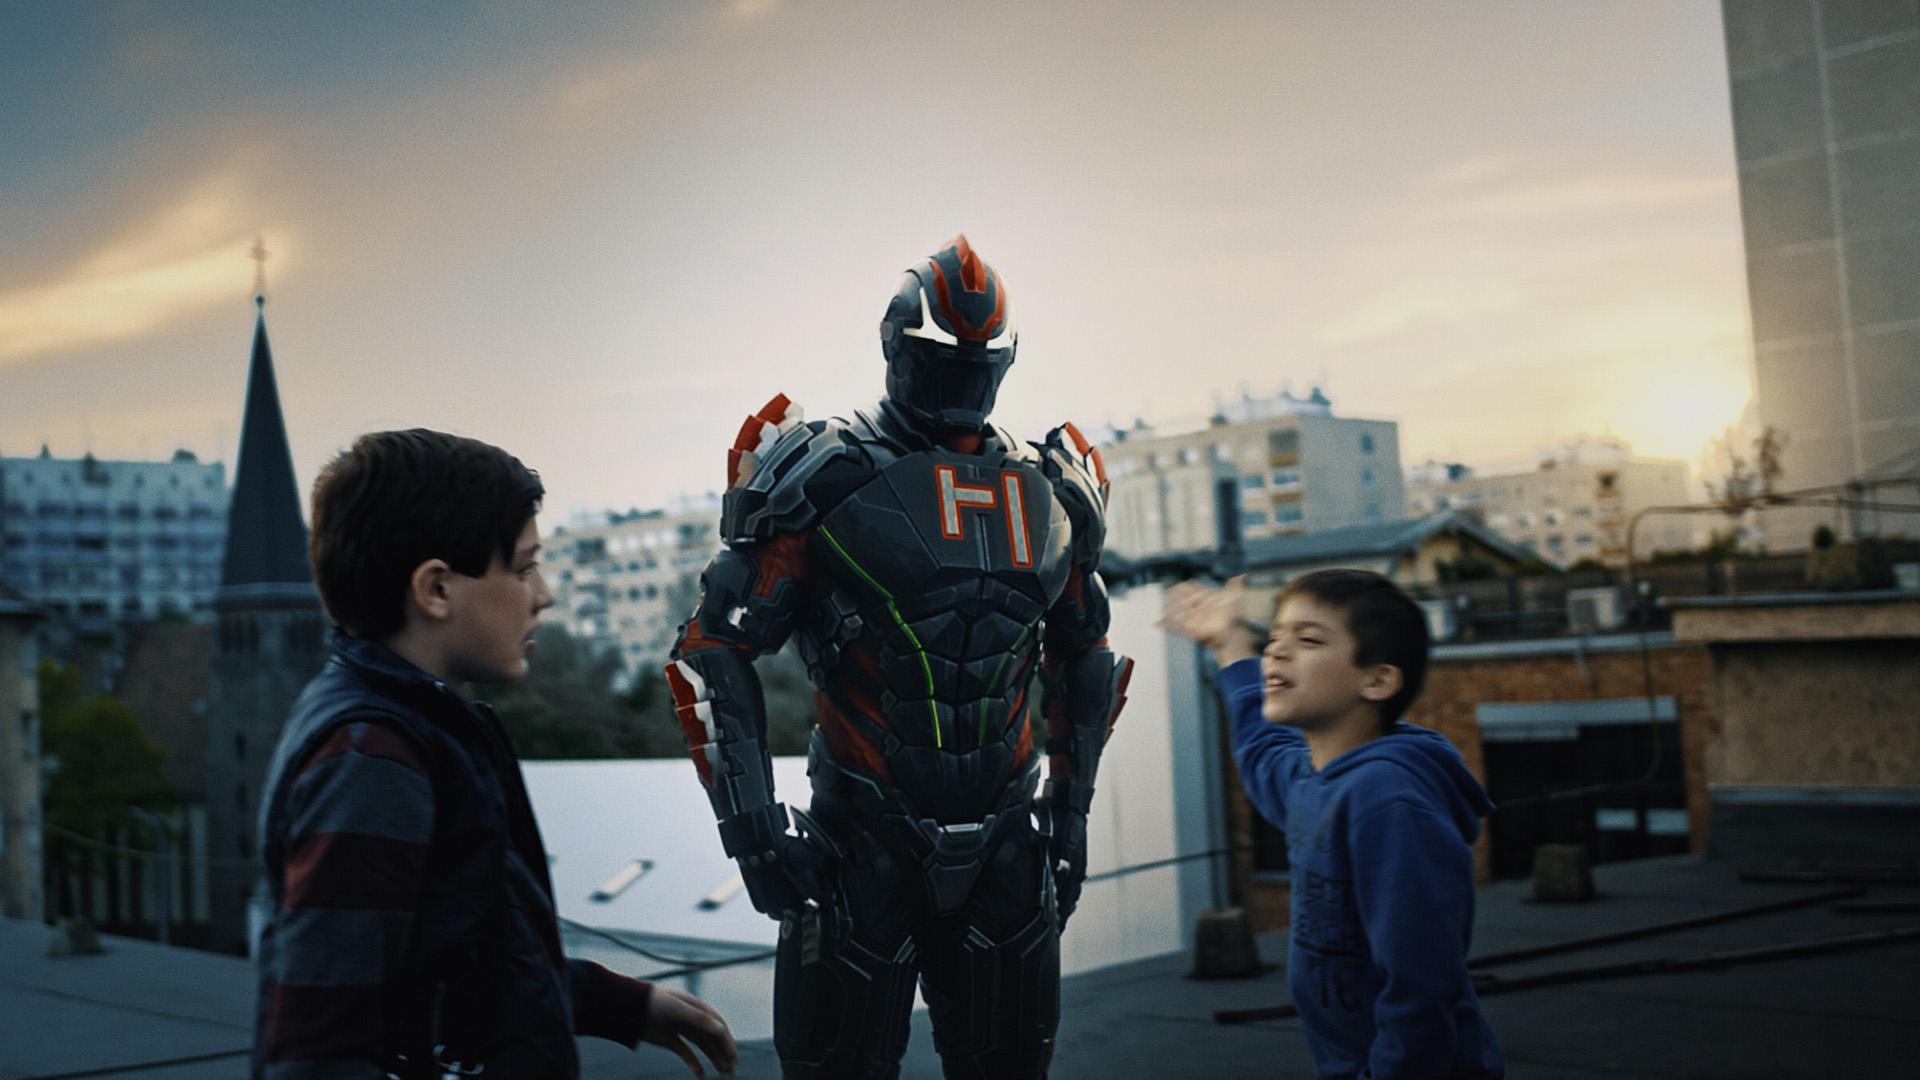 Magyar szuperhős-film készül, érkezik a Hun